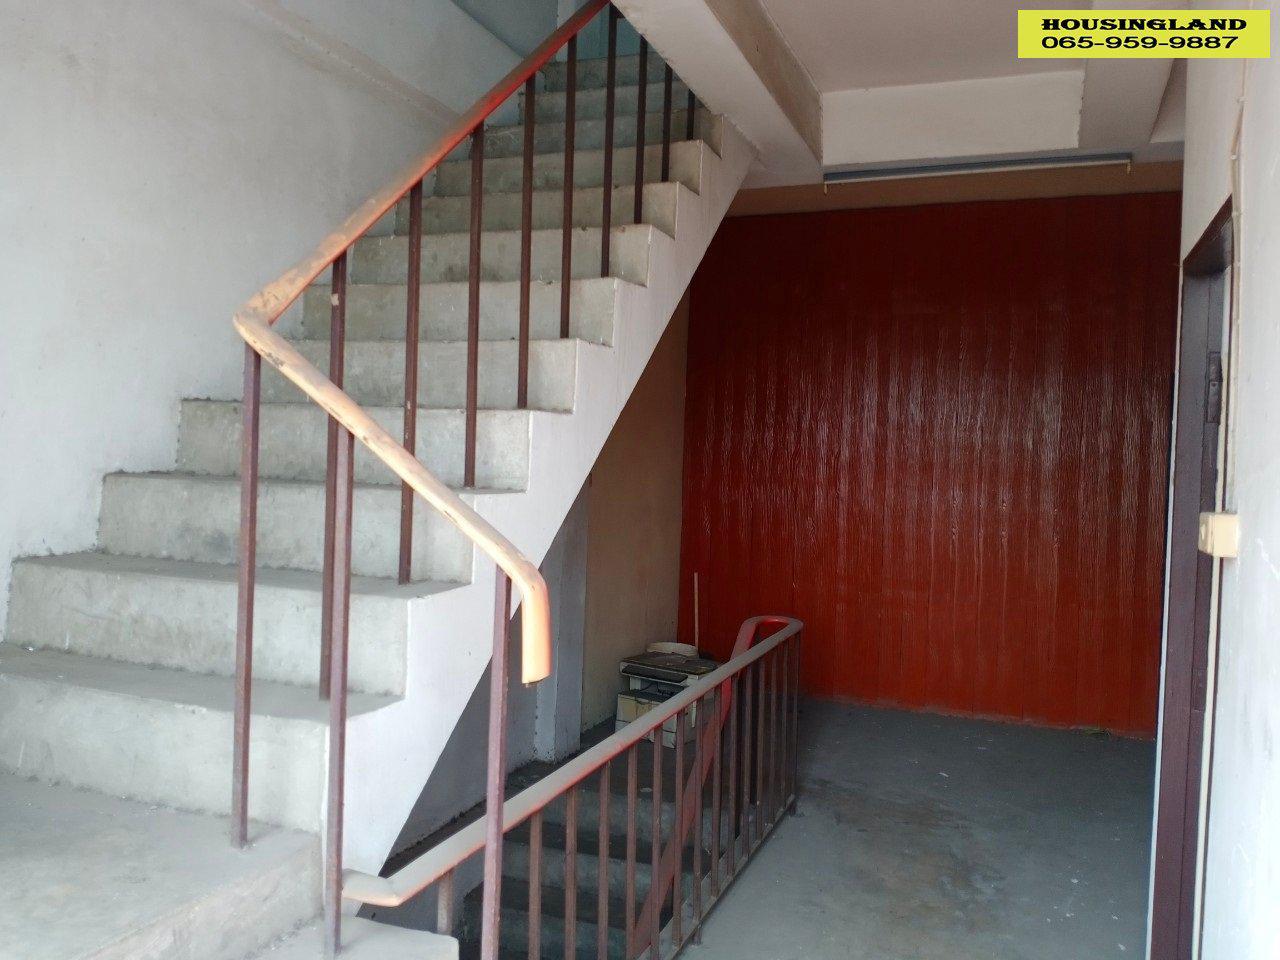 ขายตึกแถว 4 ชั้น 2 คูหา ติดถนนลำลูกกา คลอง2 ตรงข้ามร้านสุกี้ตี๋น้อย  รูปที่ 2